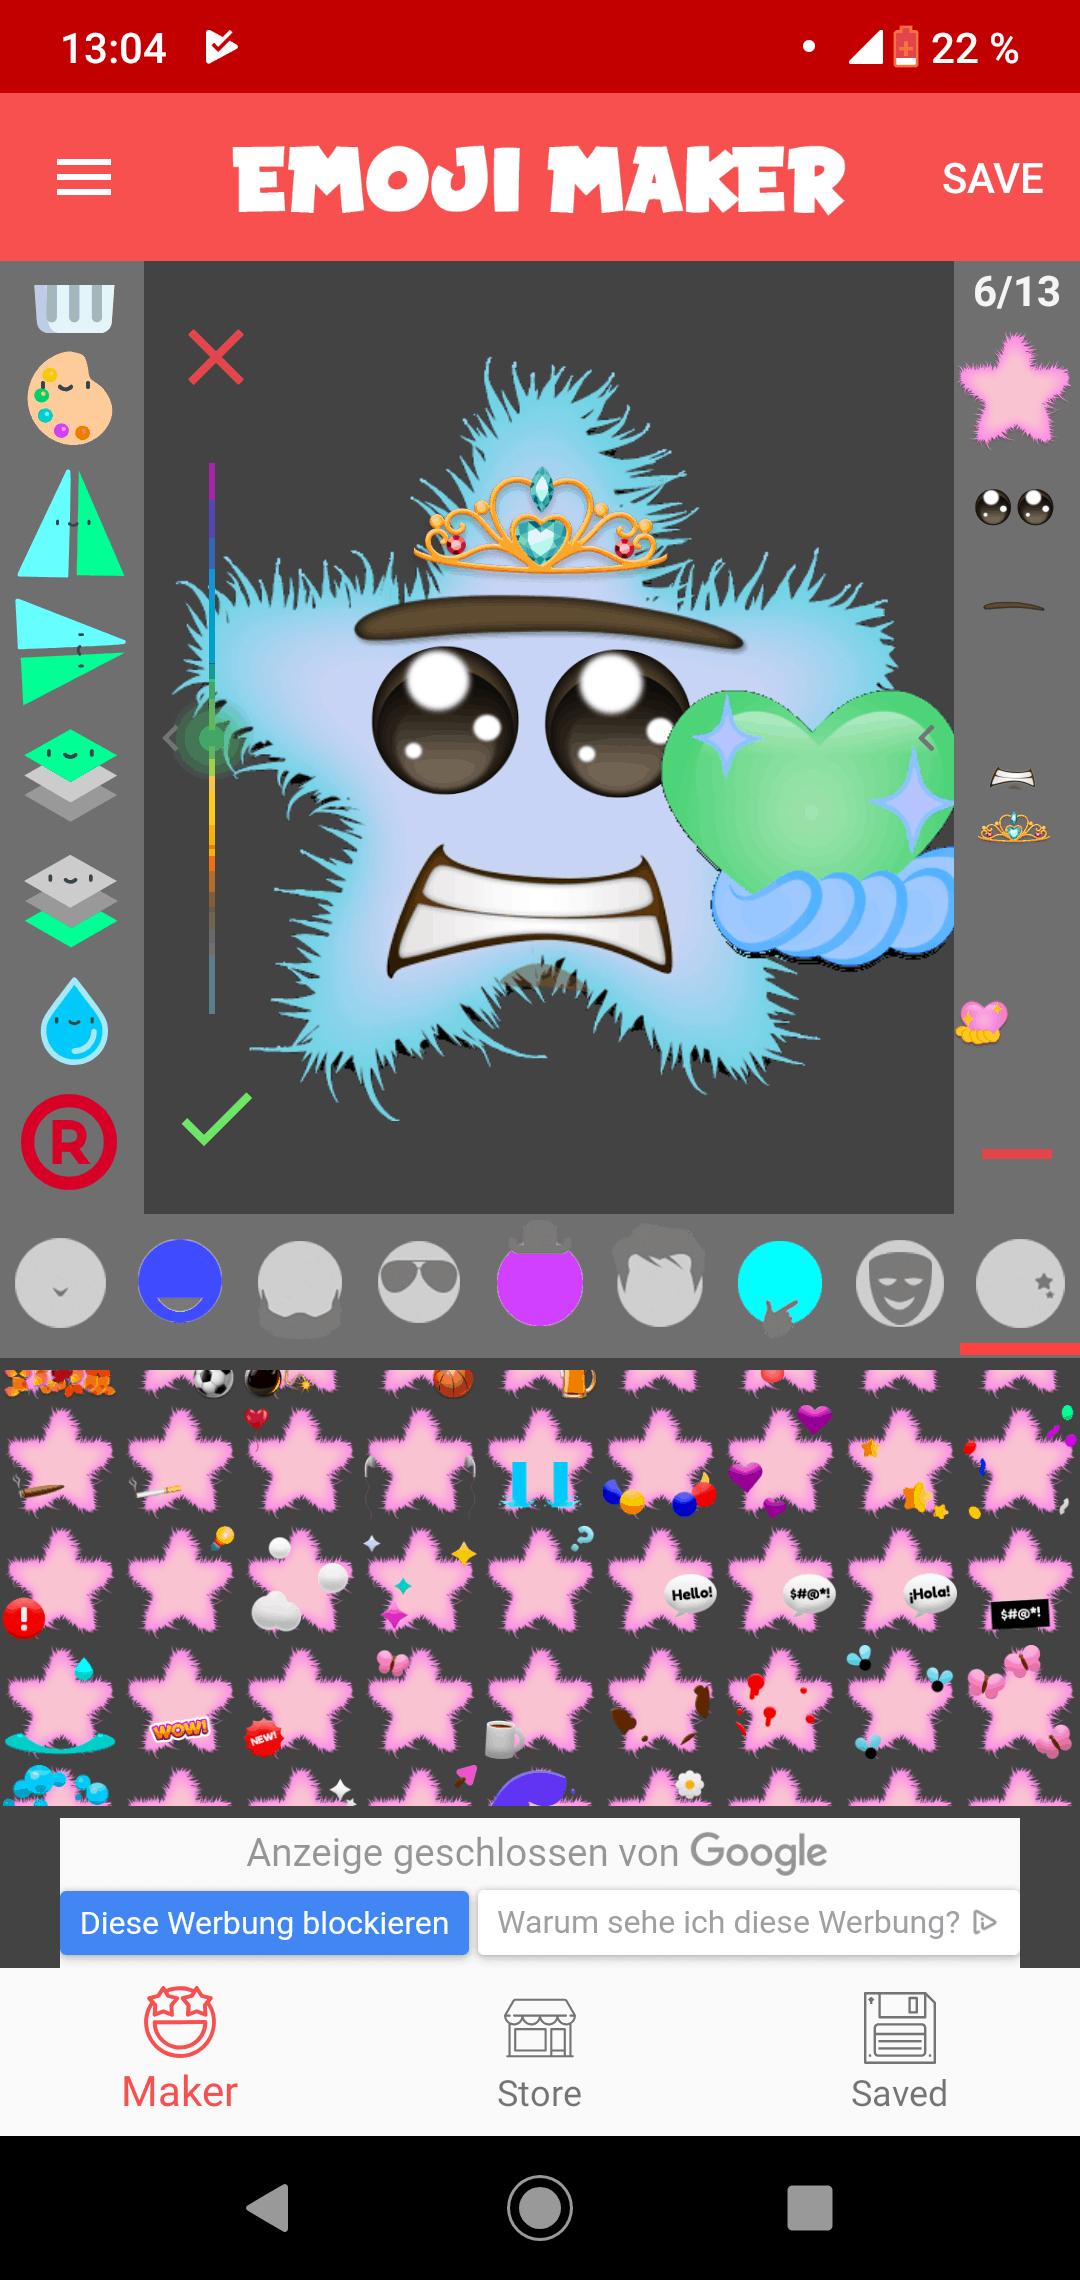 Ooops, hier sollte ein unglaublich tolles Seestern Emoji zu sehen sein. Schade!